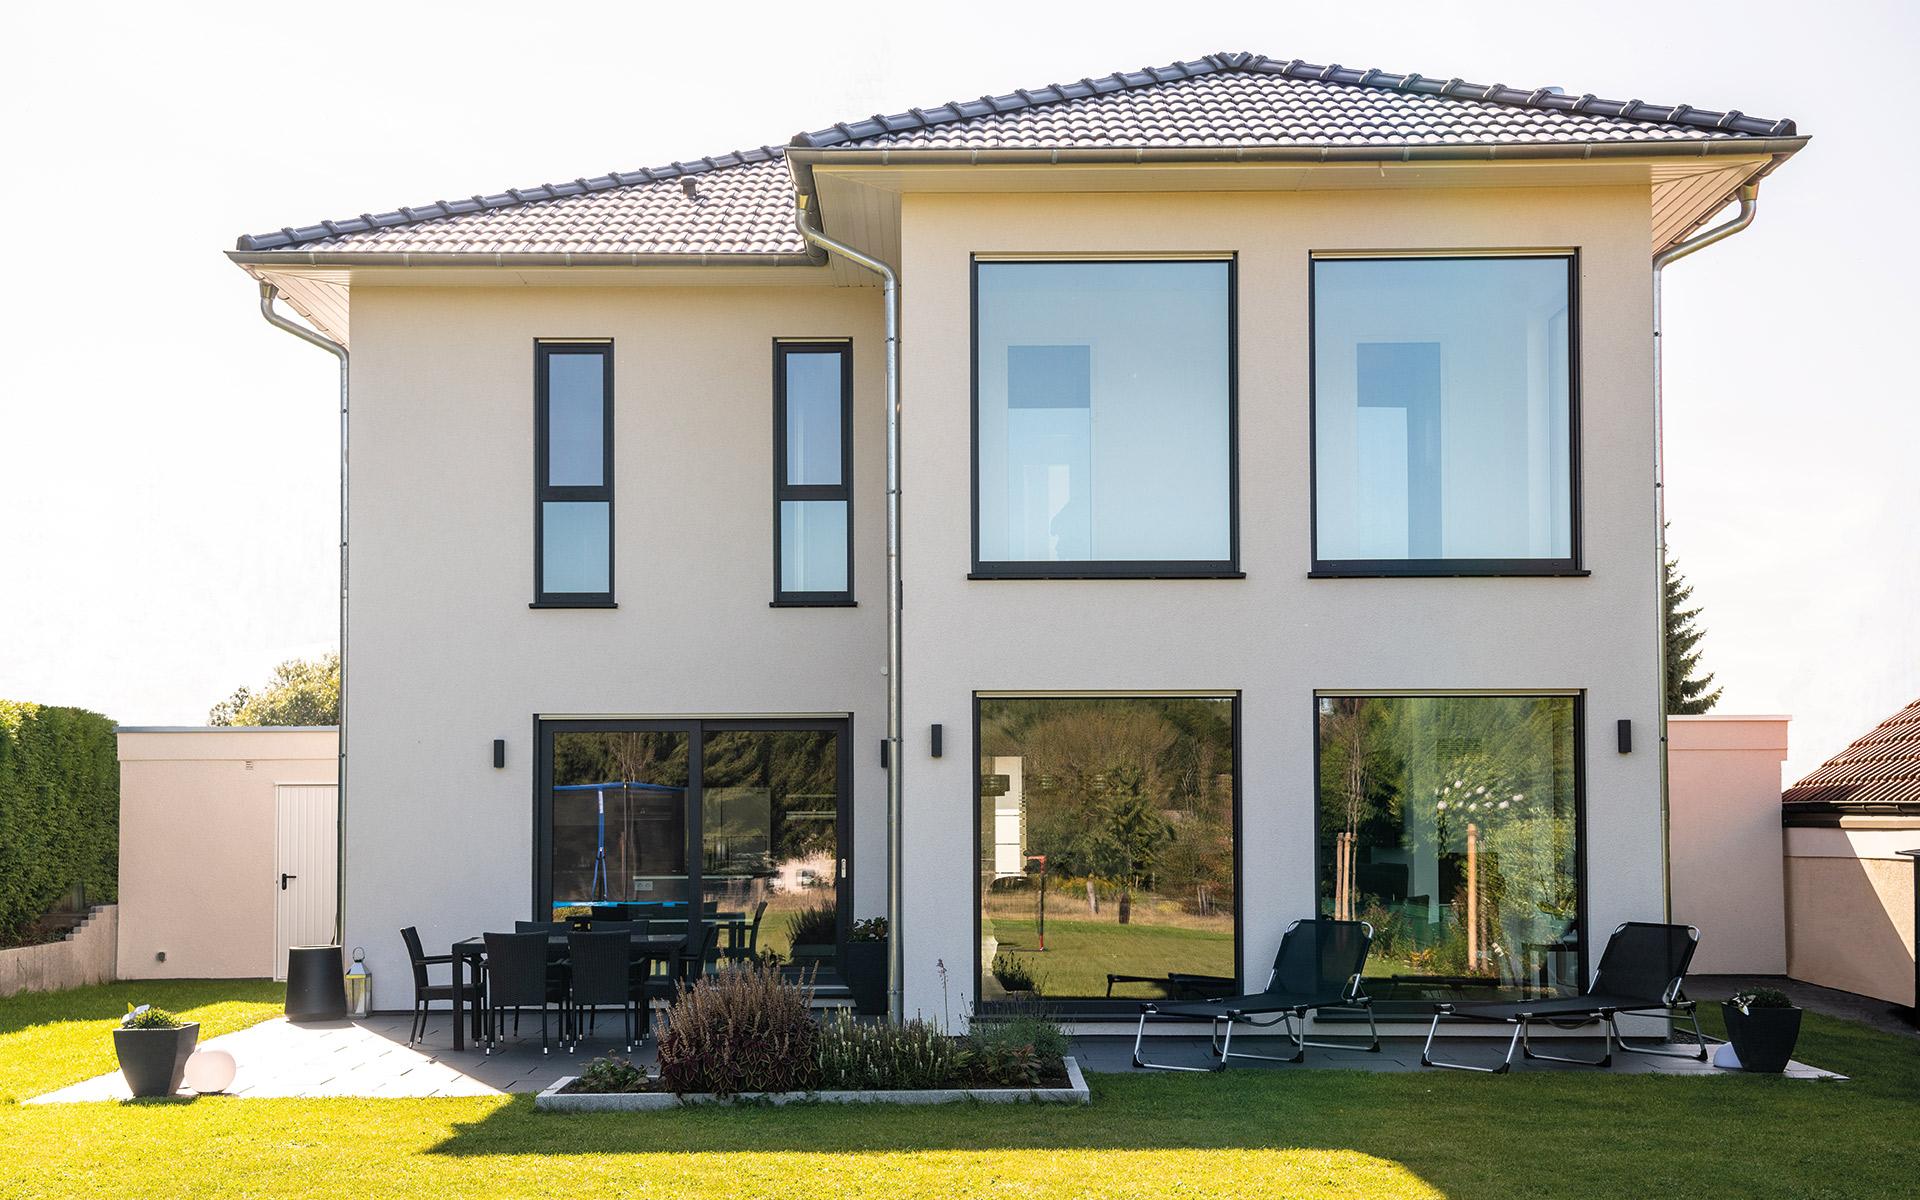 Plata von Fingerhut Haus GmbH & Co. KG